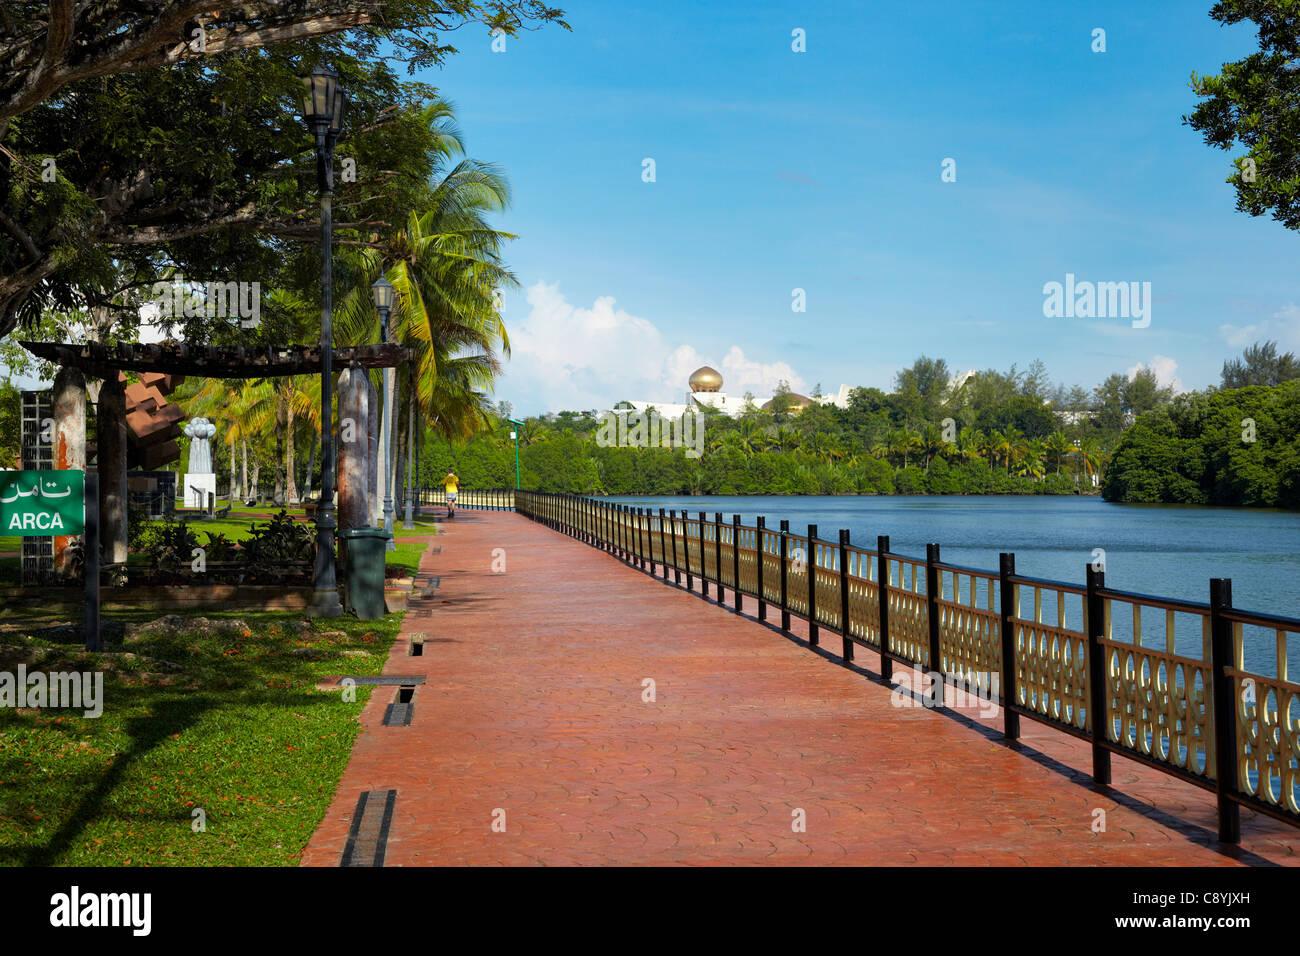 Taman Persiaran Damuan, Bandar Seri Begawan, Brunei Darussalam, Borneo, Asia - Stock Image